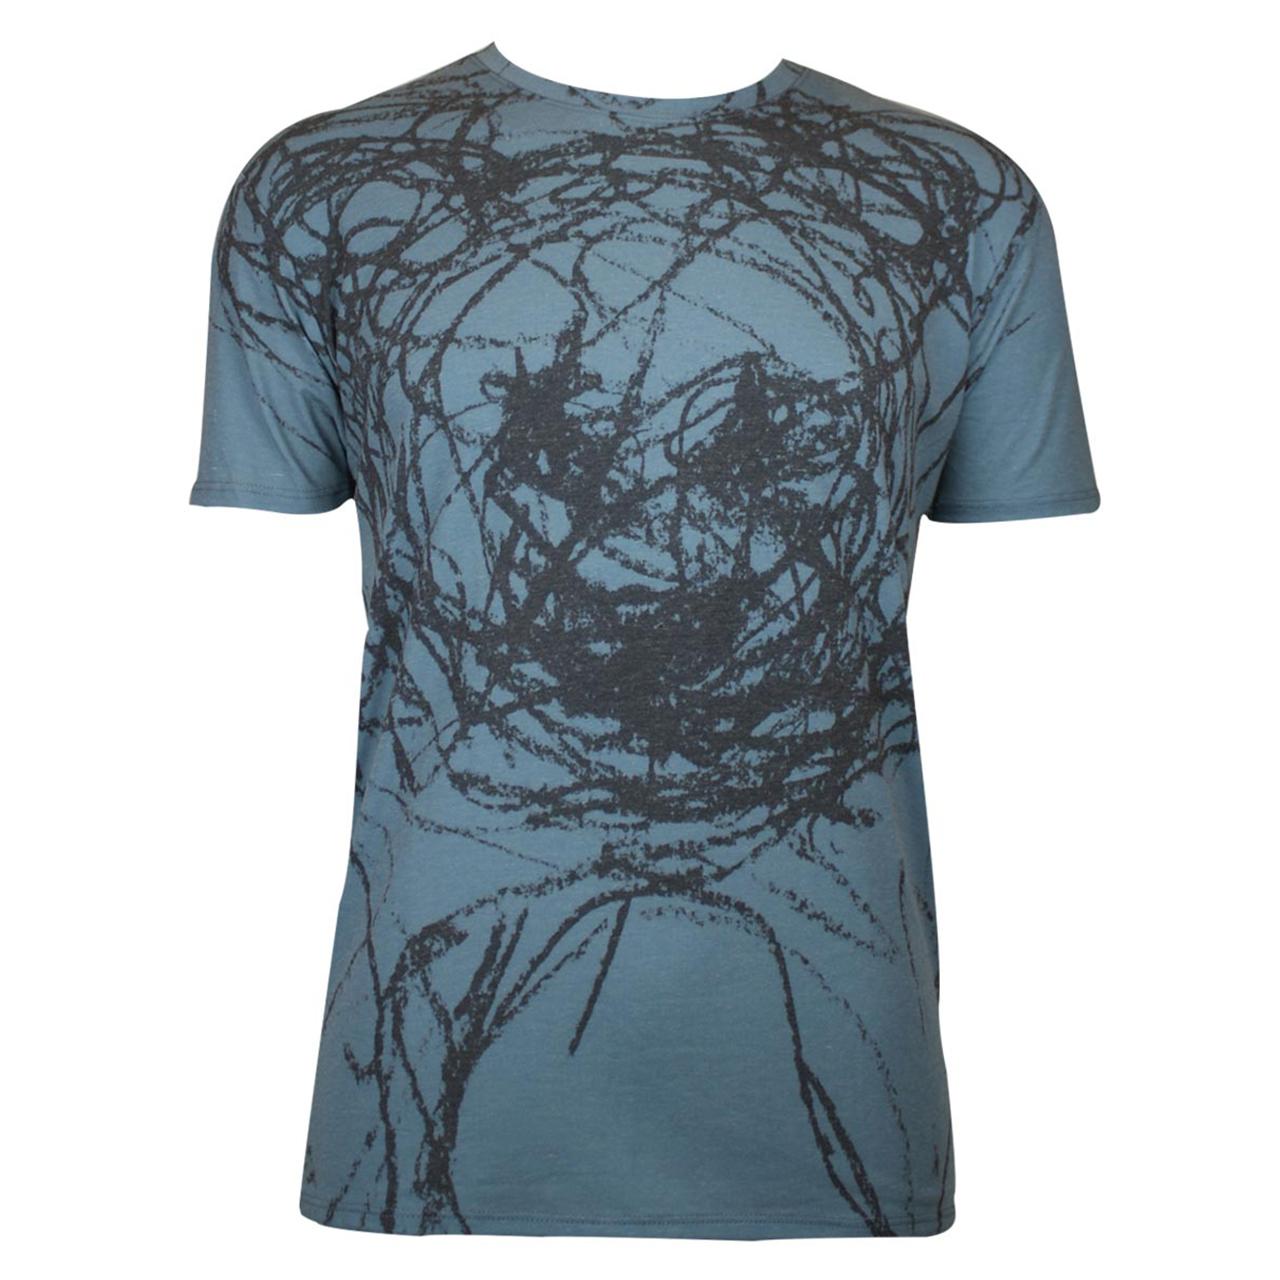 Berlin Design T-Shirt Alloverprint Bär blau